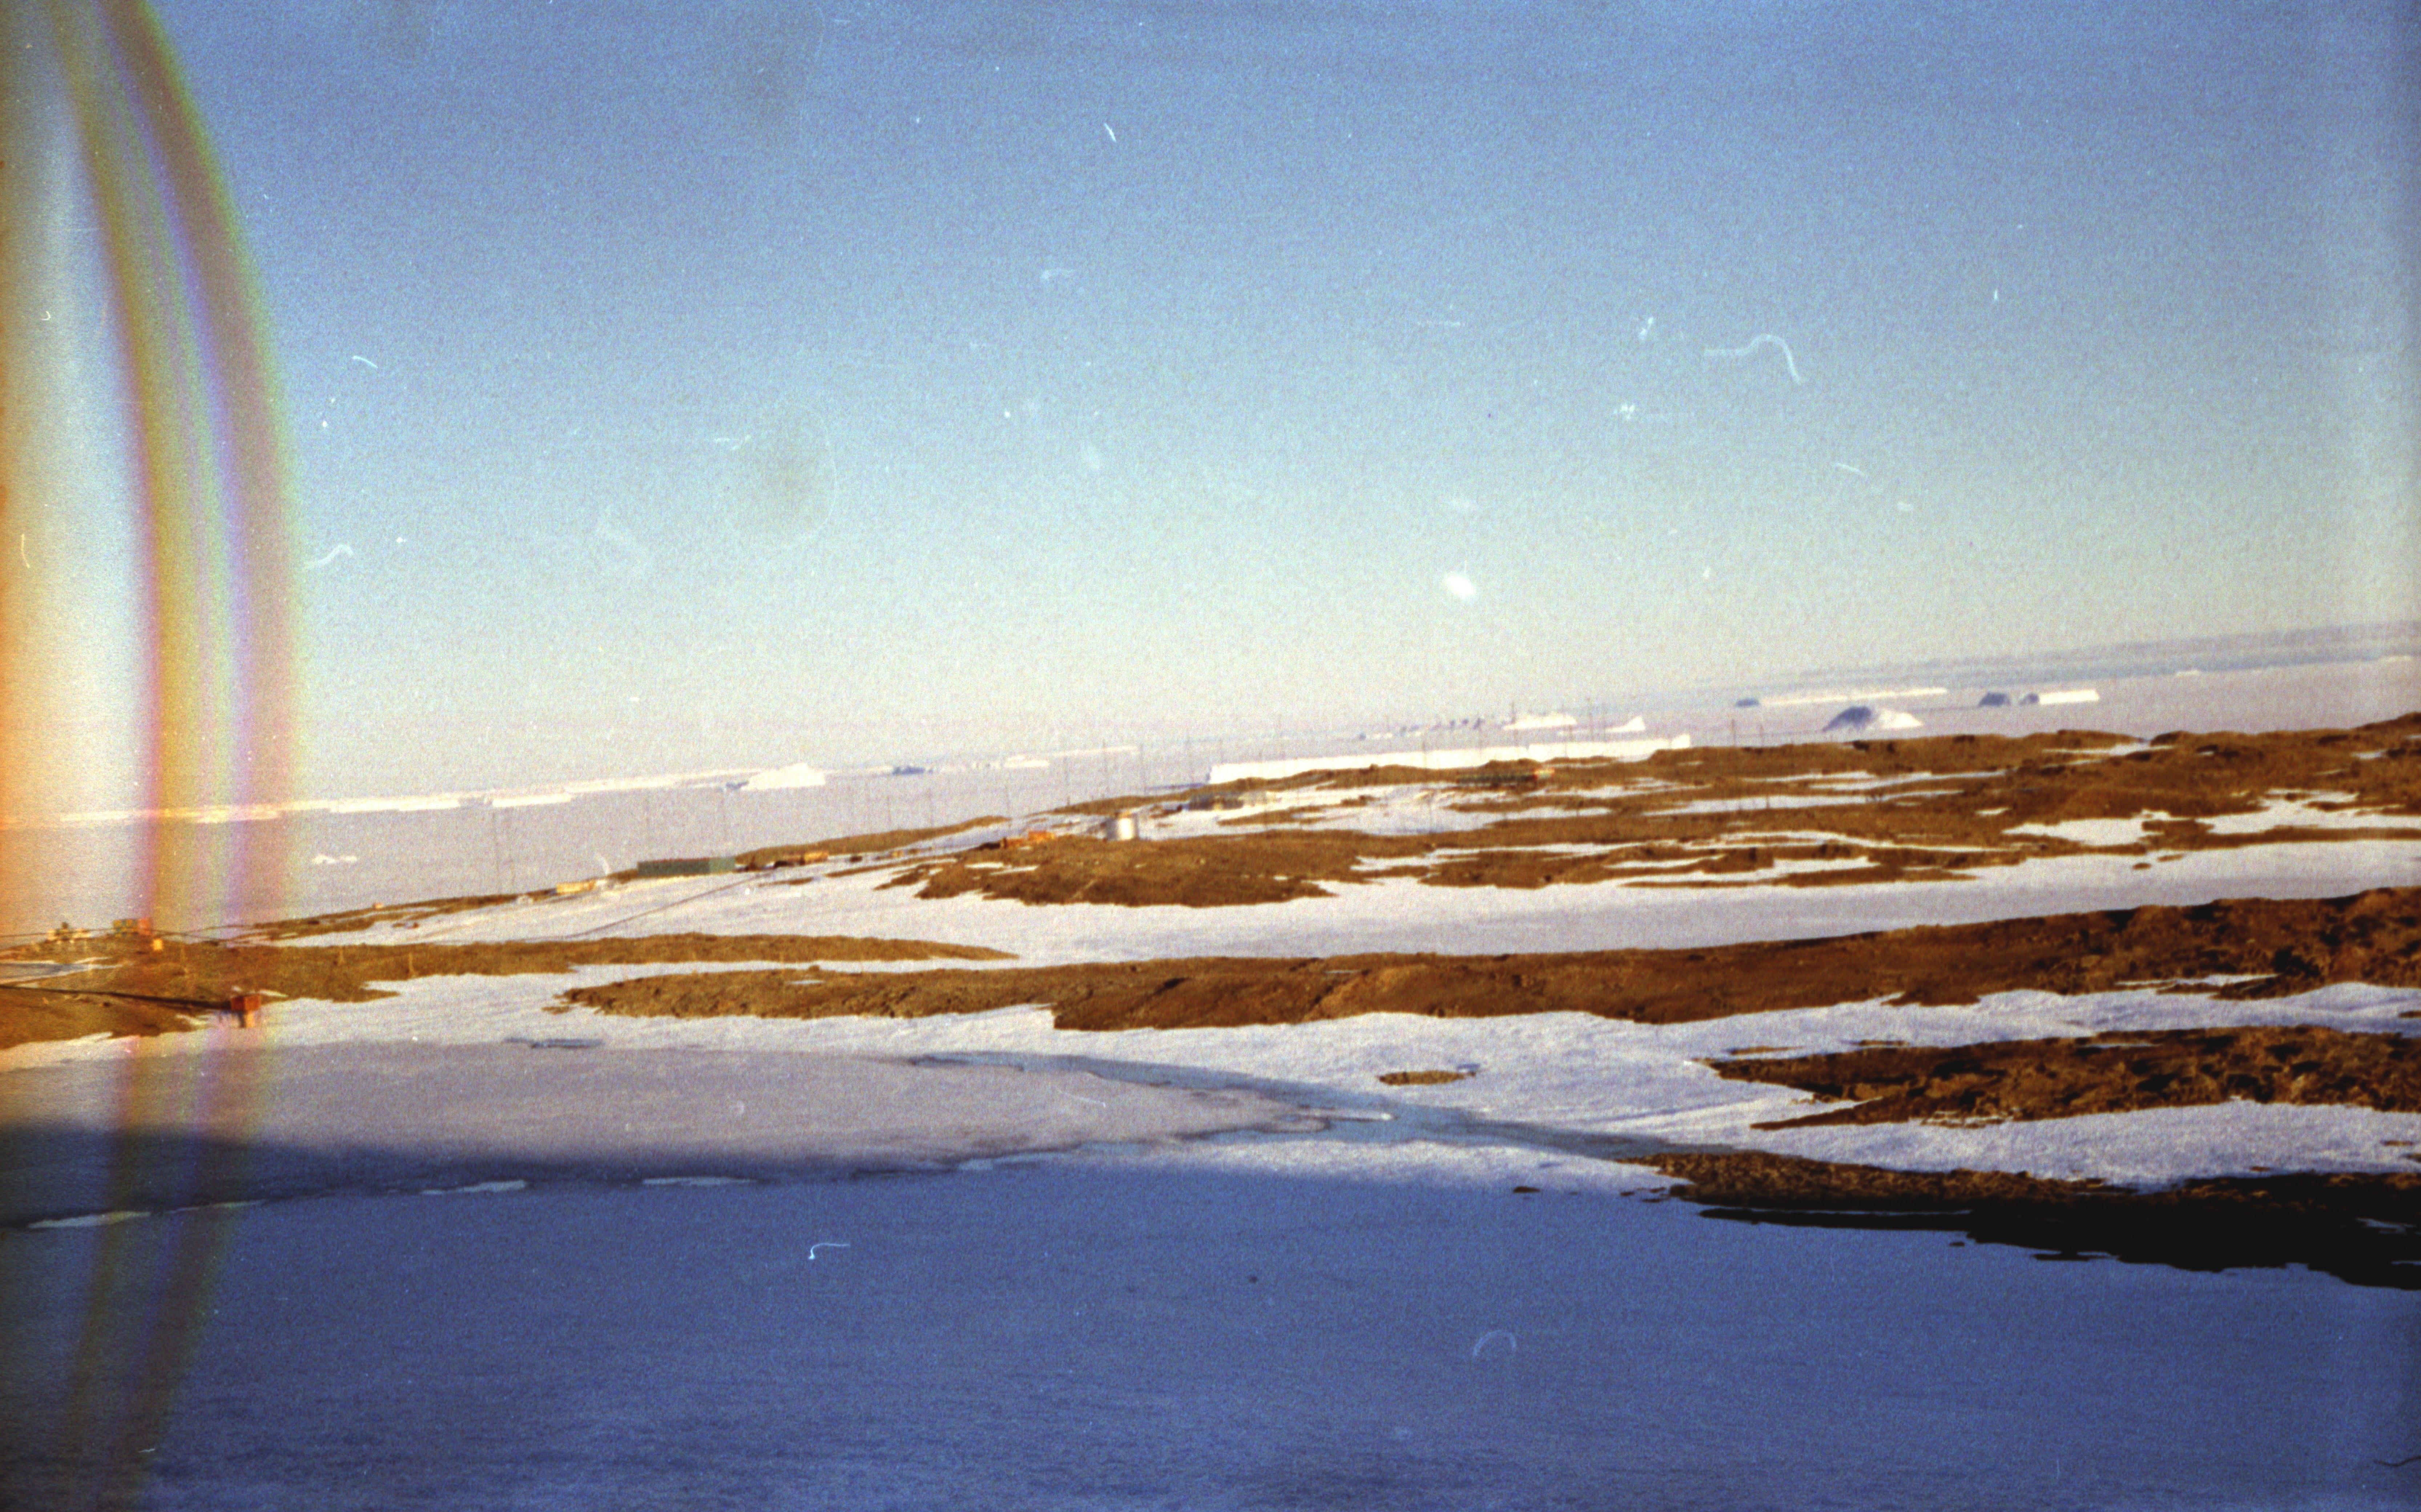 830128 Антарктическая станция _Молодёжная_.jpg